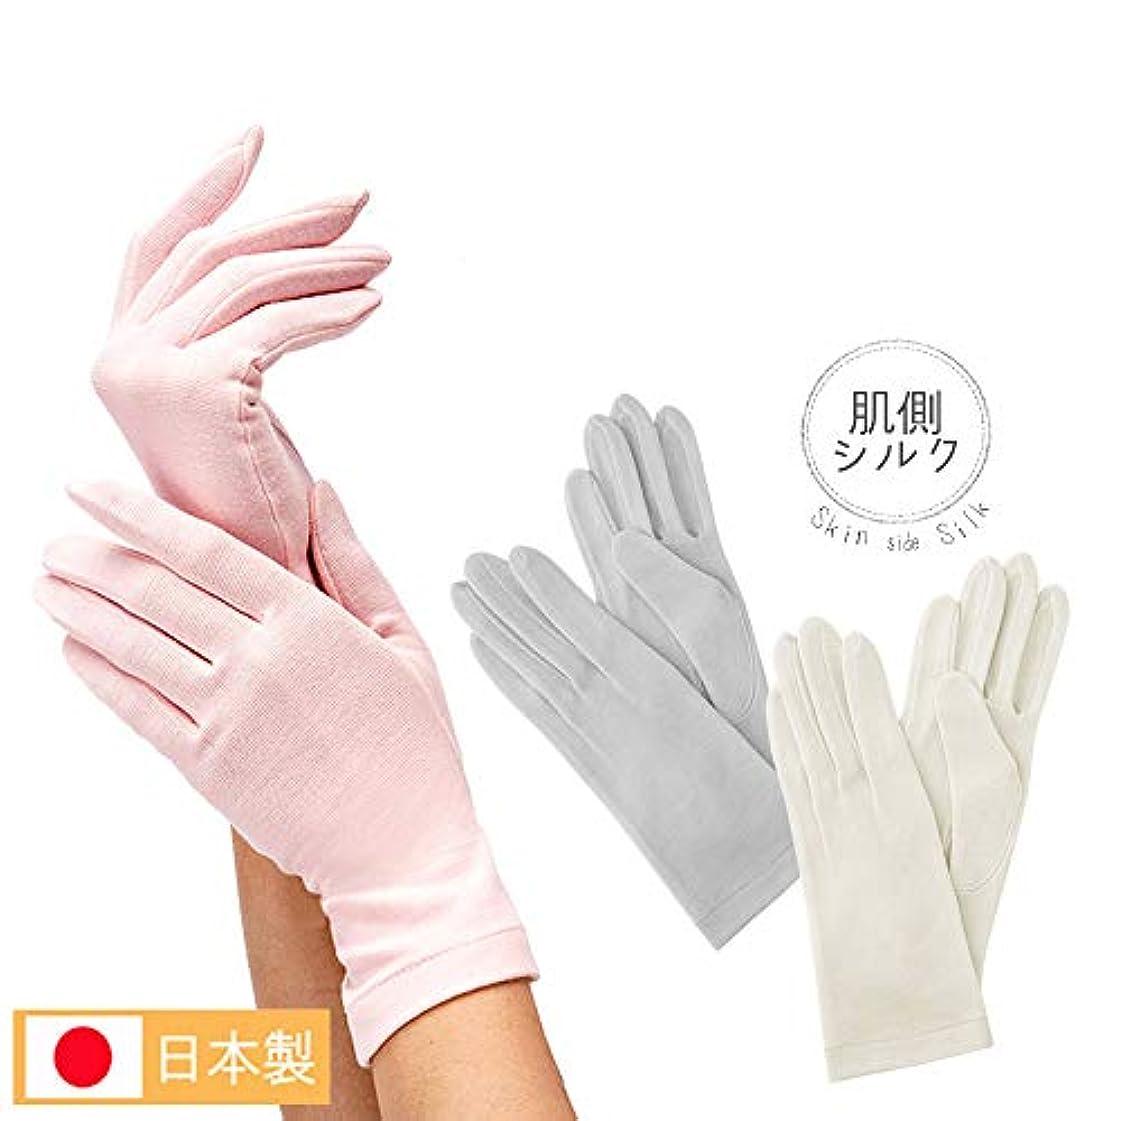 疎外単調なデータベースG12-0071_PK 就寝用 裏シルクうるおい手袋 あったか 薄い 手荒れ ハンドケア 保湿 レディース 女性 おやすみ 寝るとき 日本製 ピンク